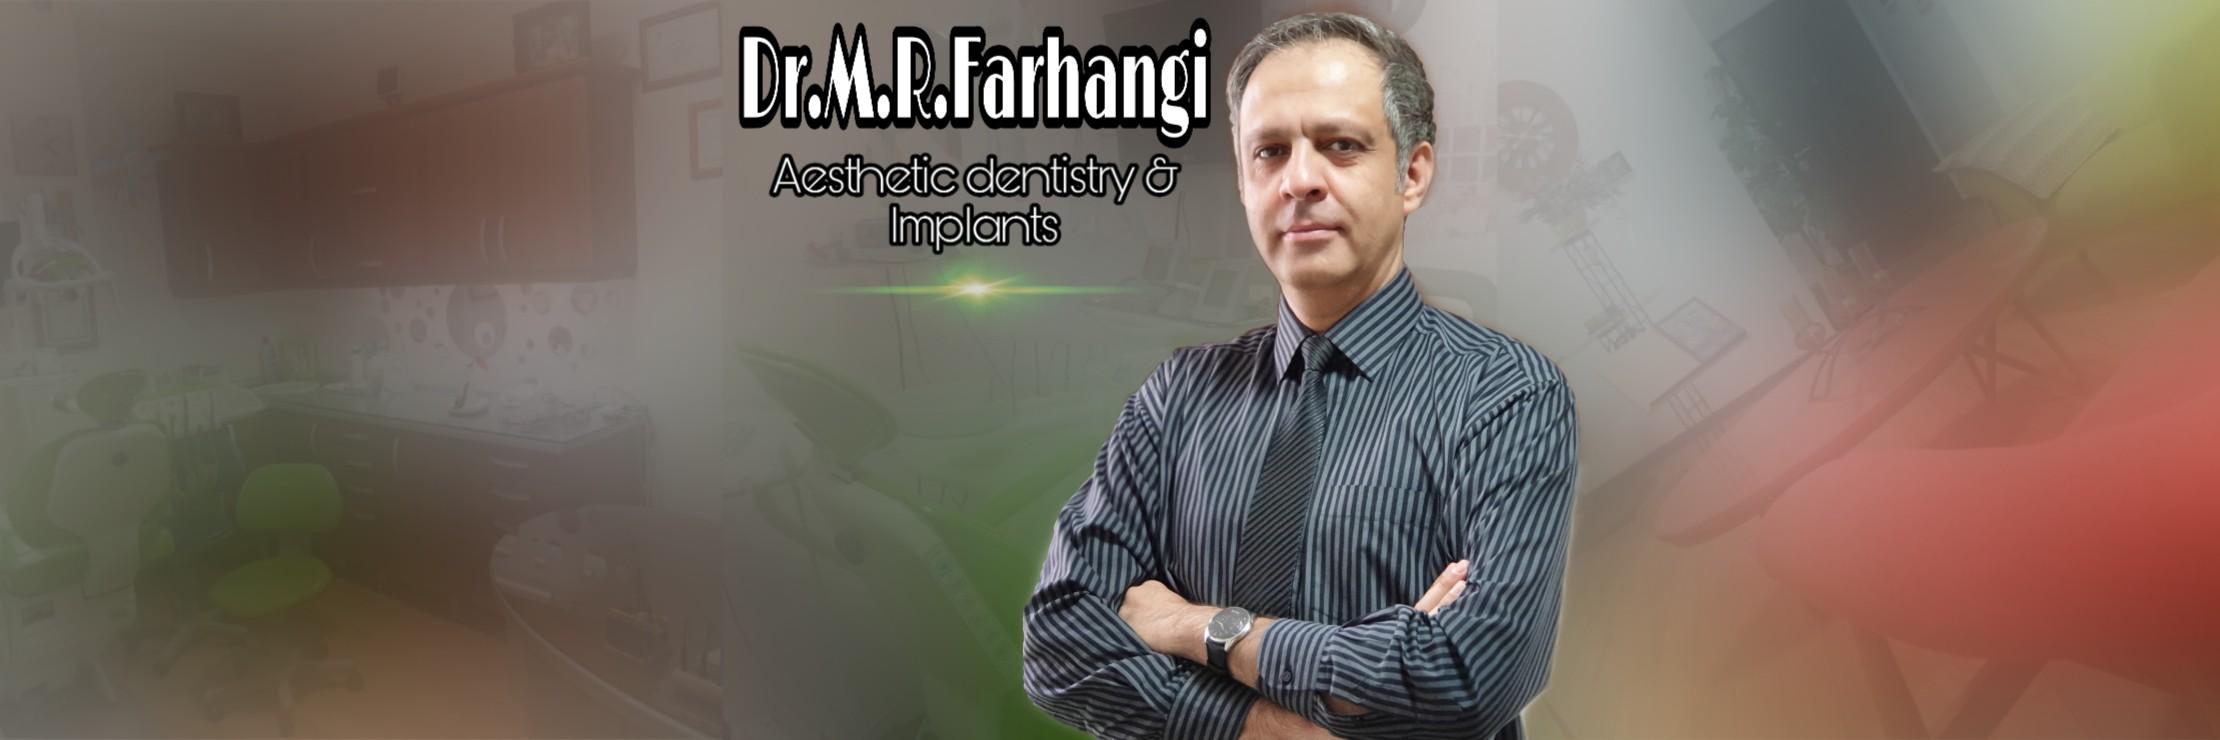 دکتر فرهنگی دندانپزشک زیبایی